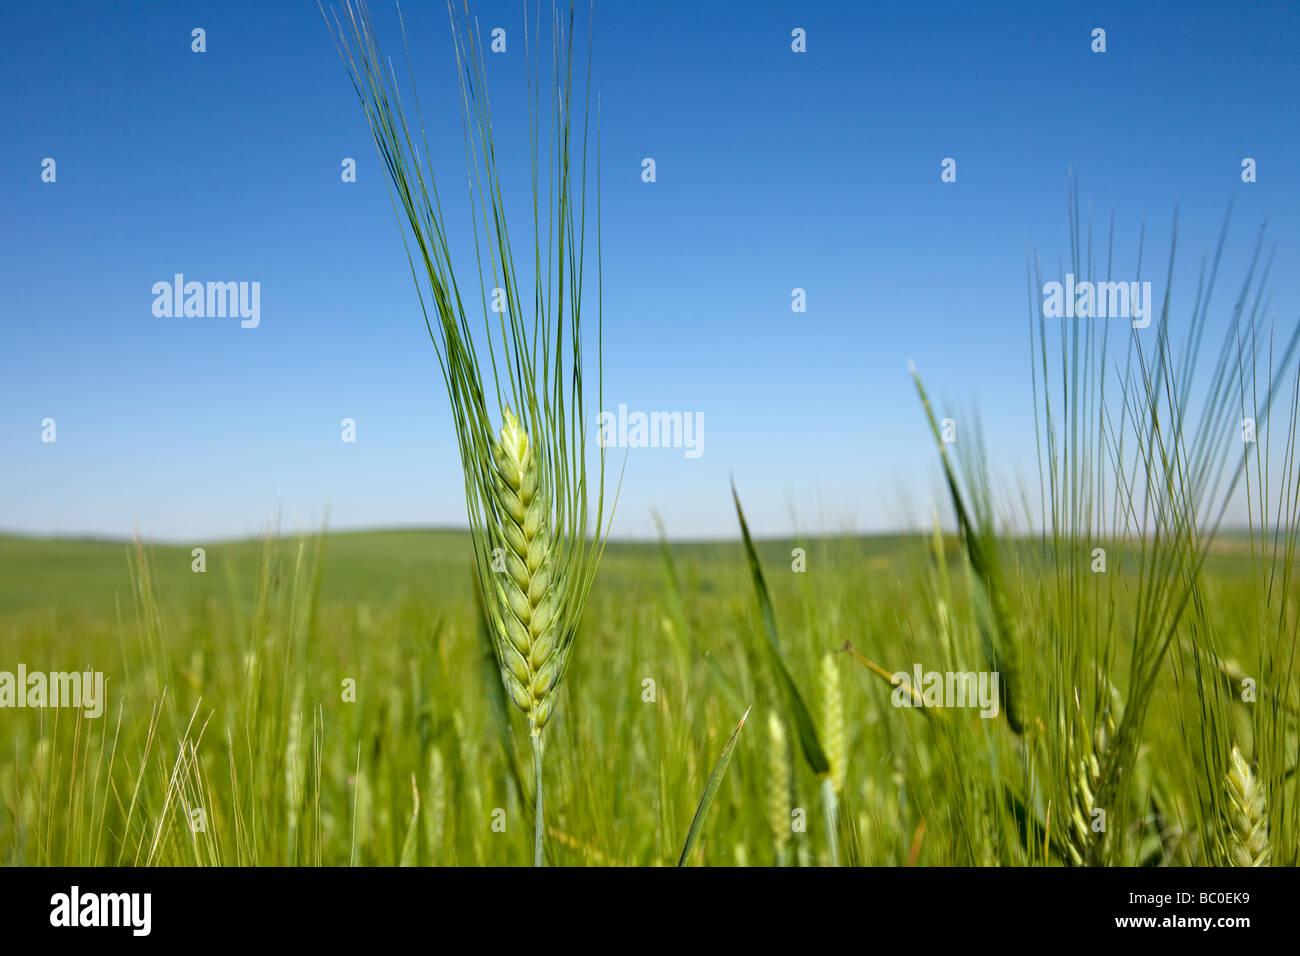 Espiga de Trigo trigo spike Imagen De Stock